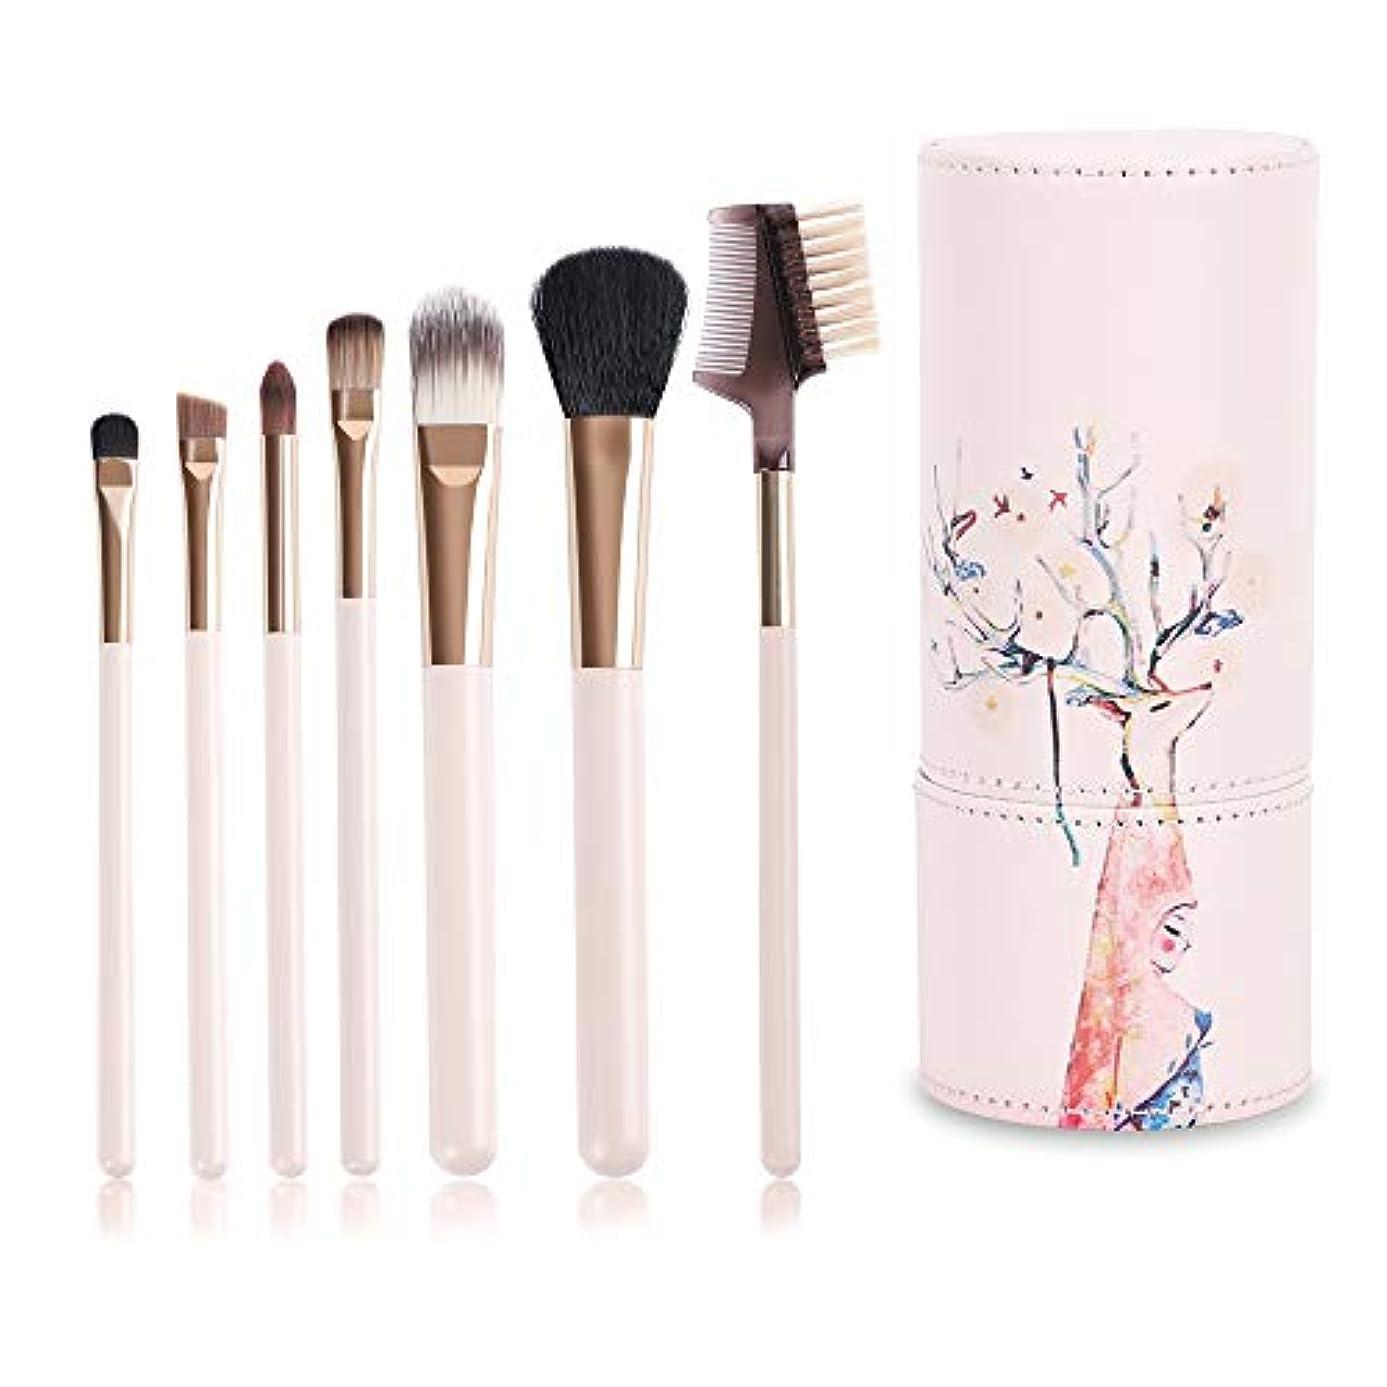 人口句収穫メイクブラシ YCM 7本セット 化粧ブラシセット 化粧筆 超柔らかい